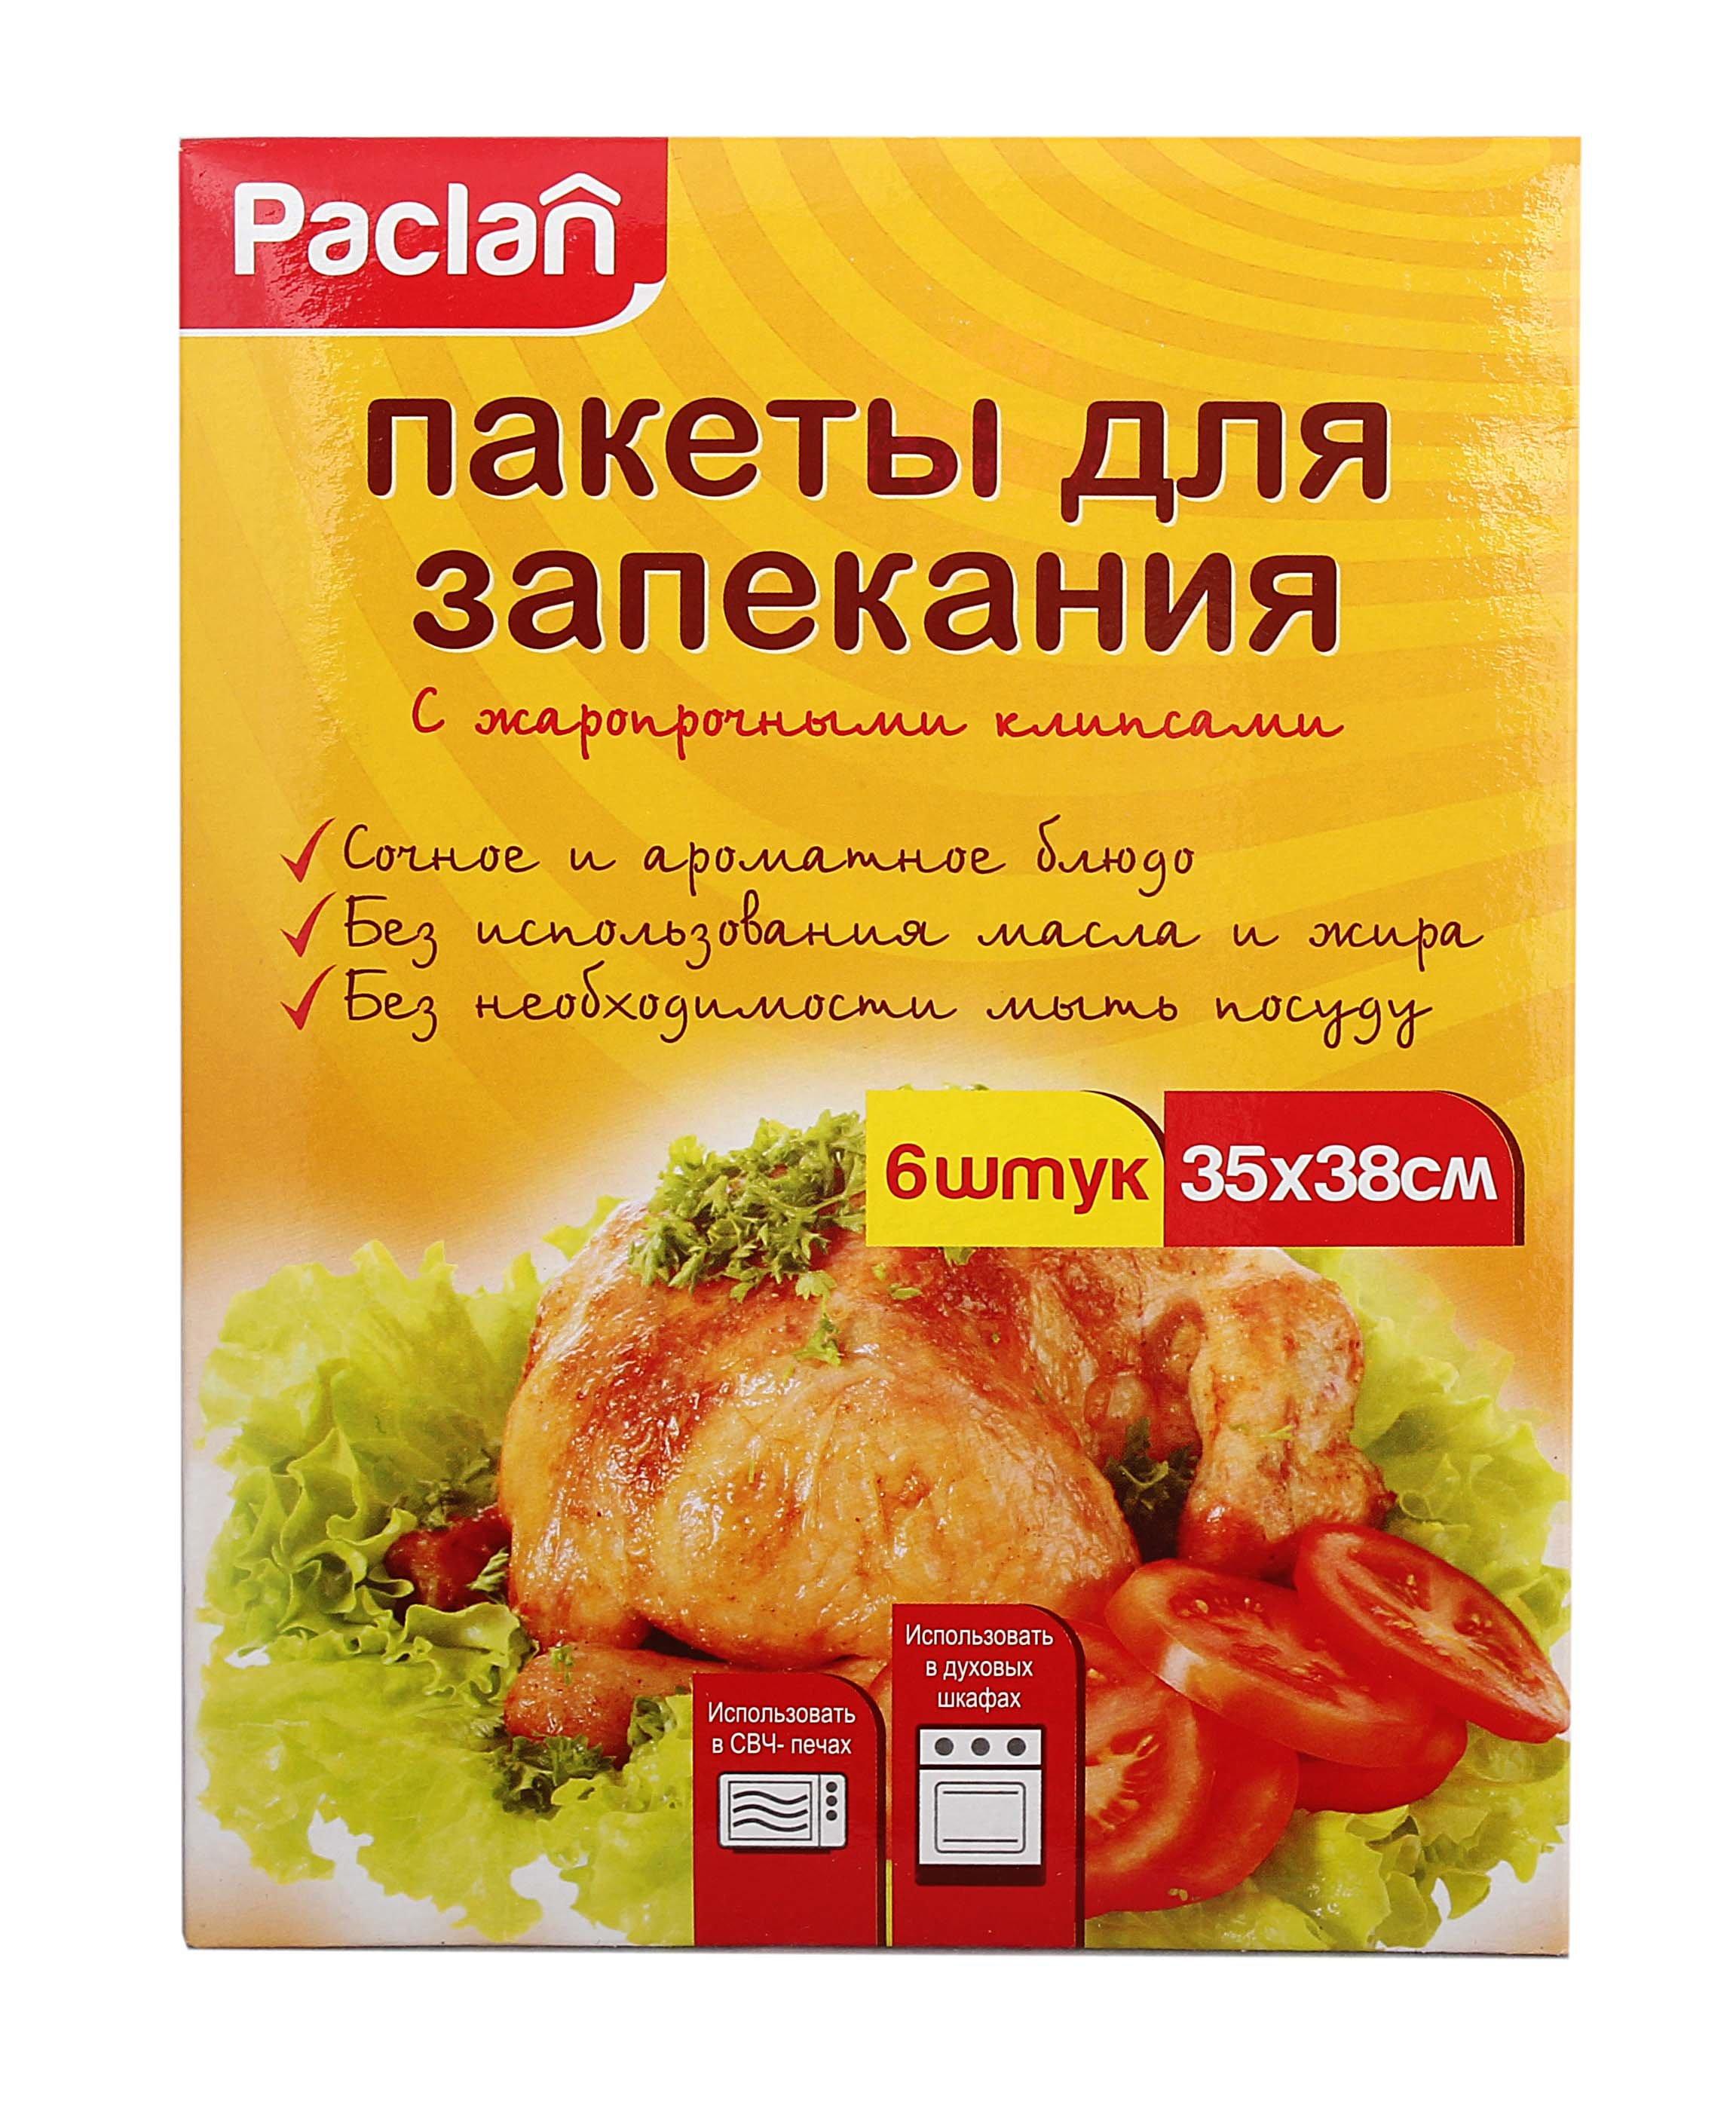 Бытовая упаковка Paclan 404041 пакеты д/запек.35х38см 6шт (330203/513330/513333)